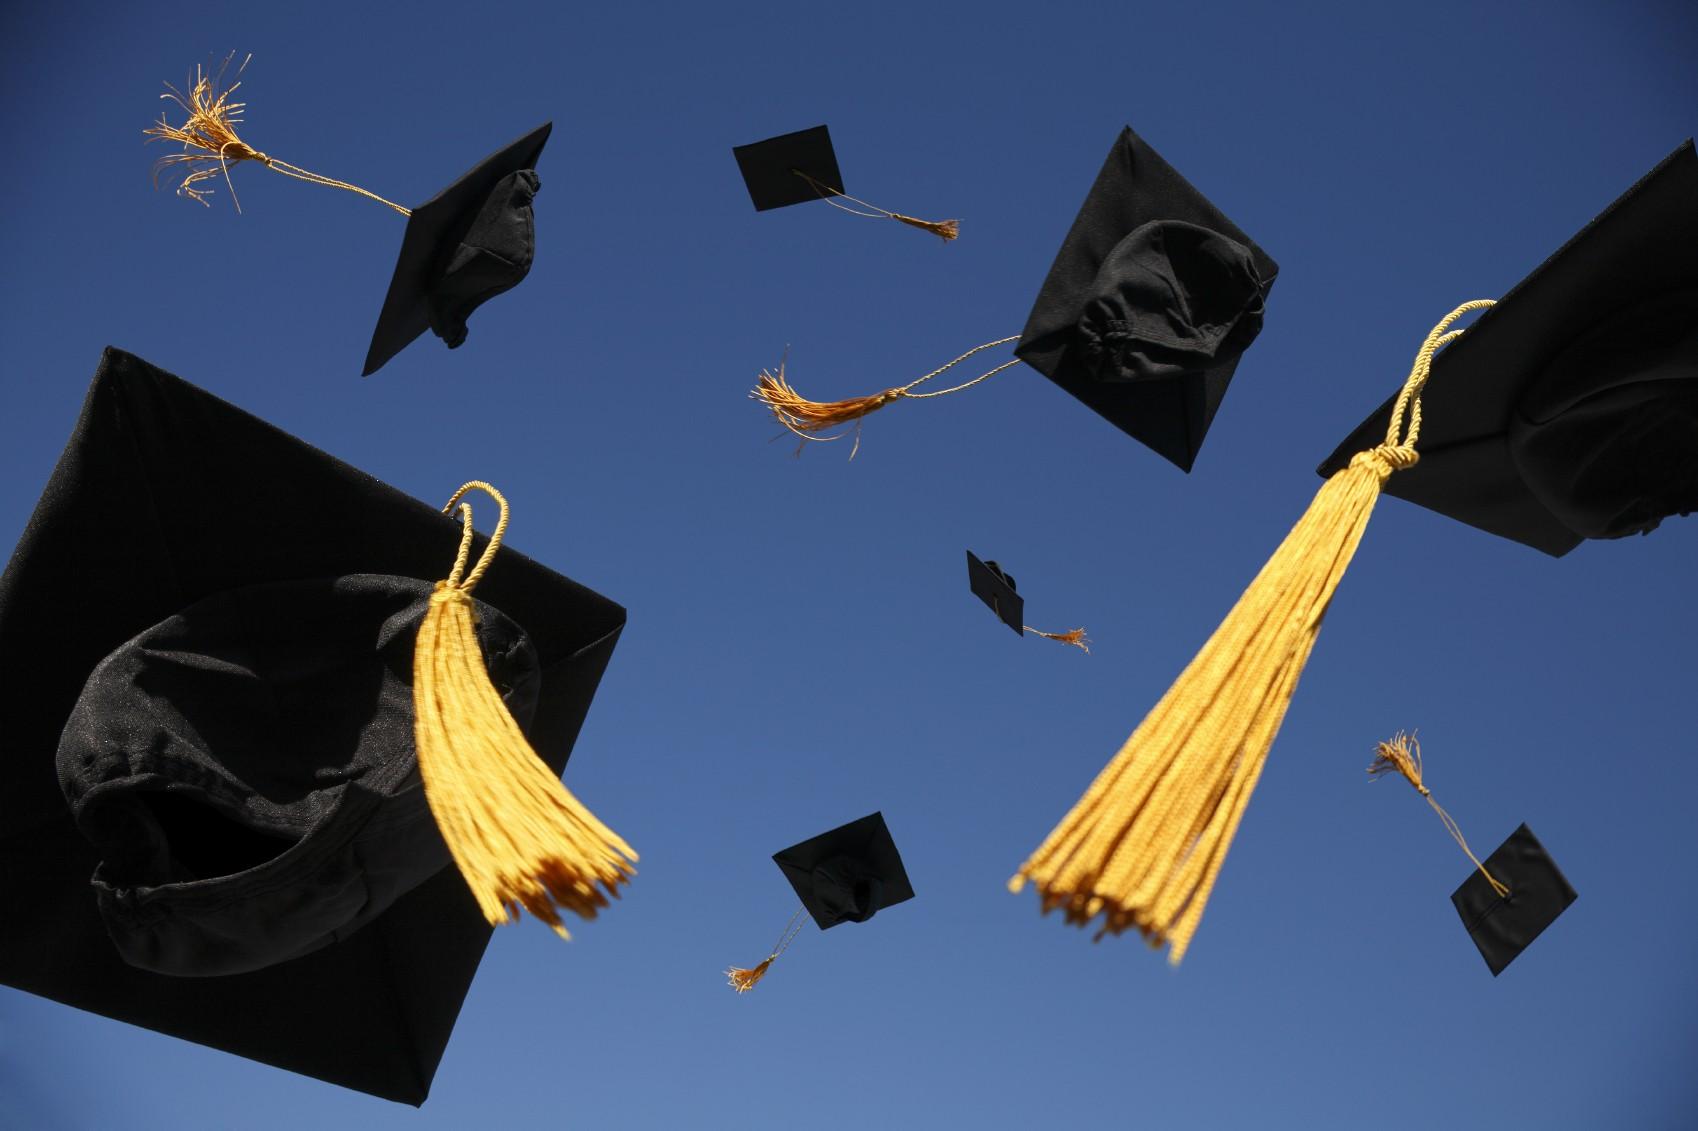 Toutes nos félicitations aux nouveaux diplômés